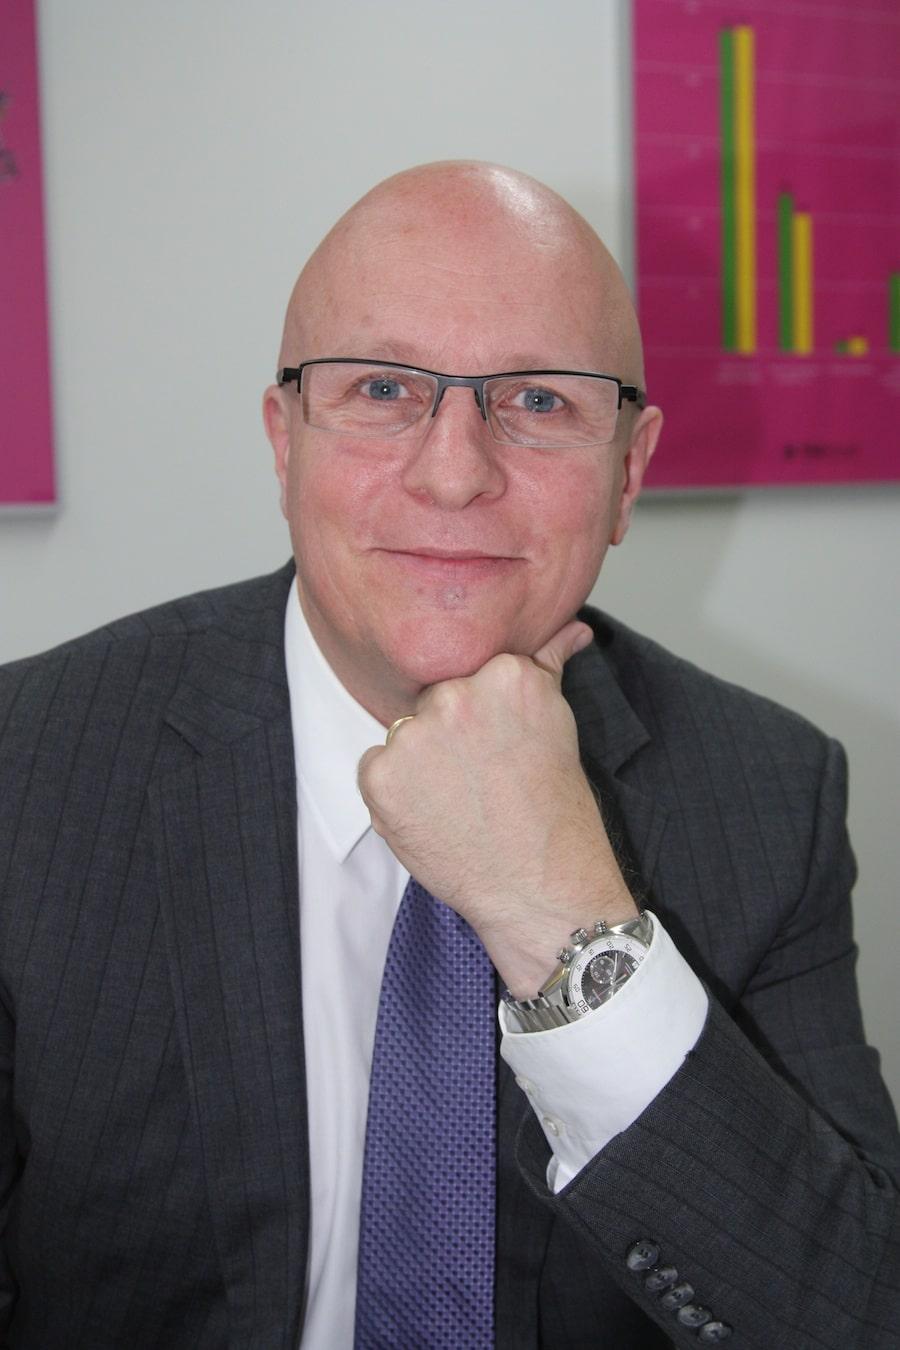 Stéphane Linder beendet seinen Job als CEO von TAG Heuer mit sofortiger Wirkung.